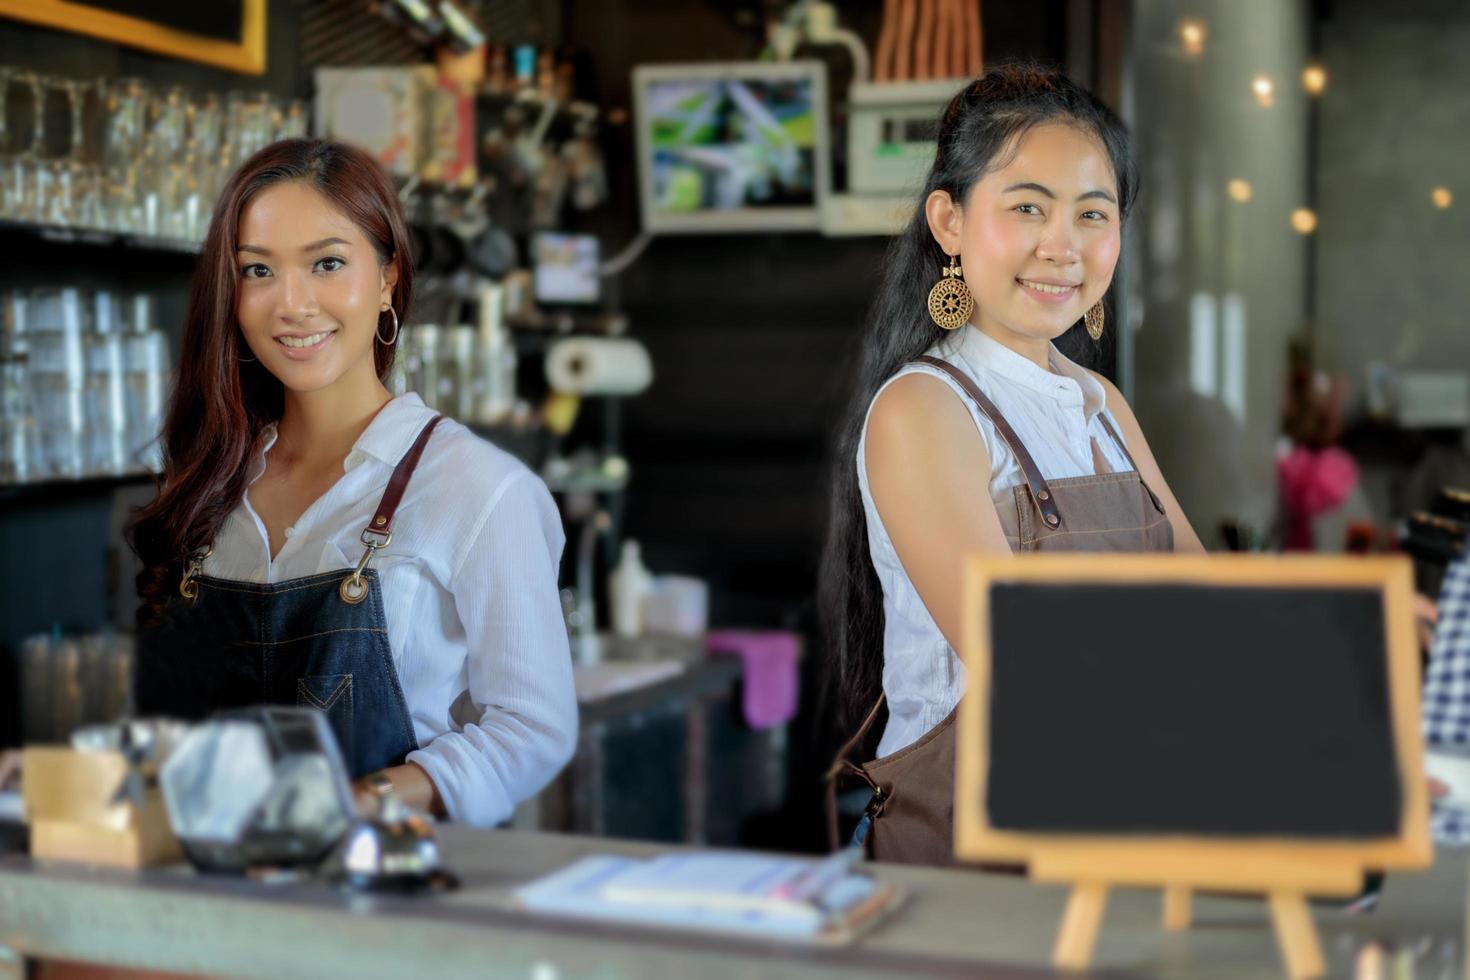 baristi asiatici femminili che sorridono dietro il contatore della caffetteria foto